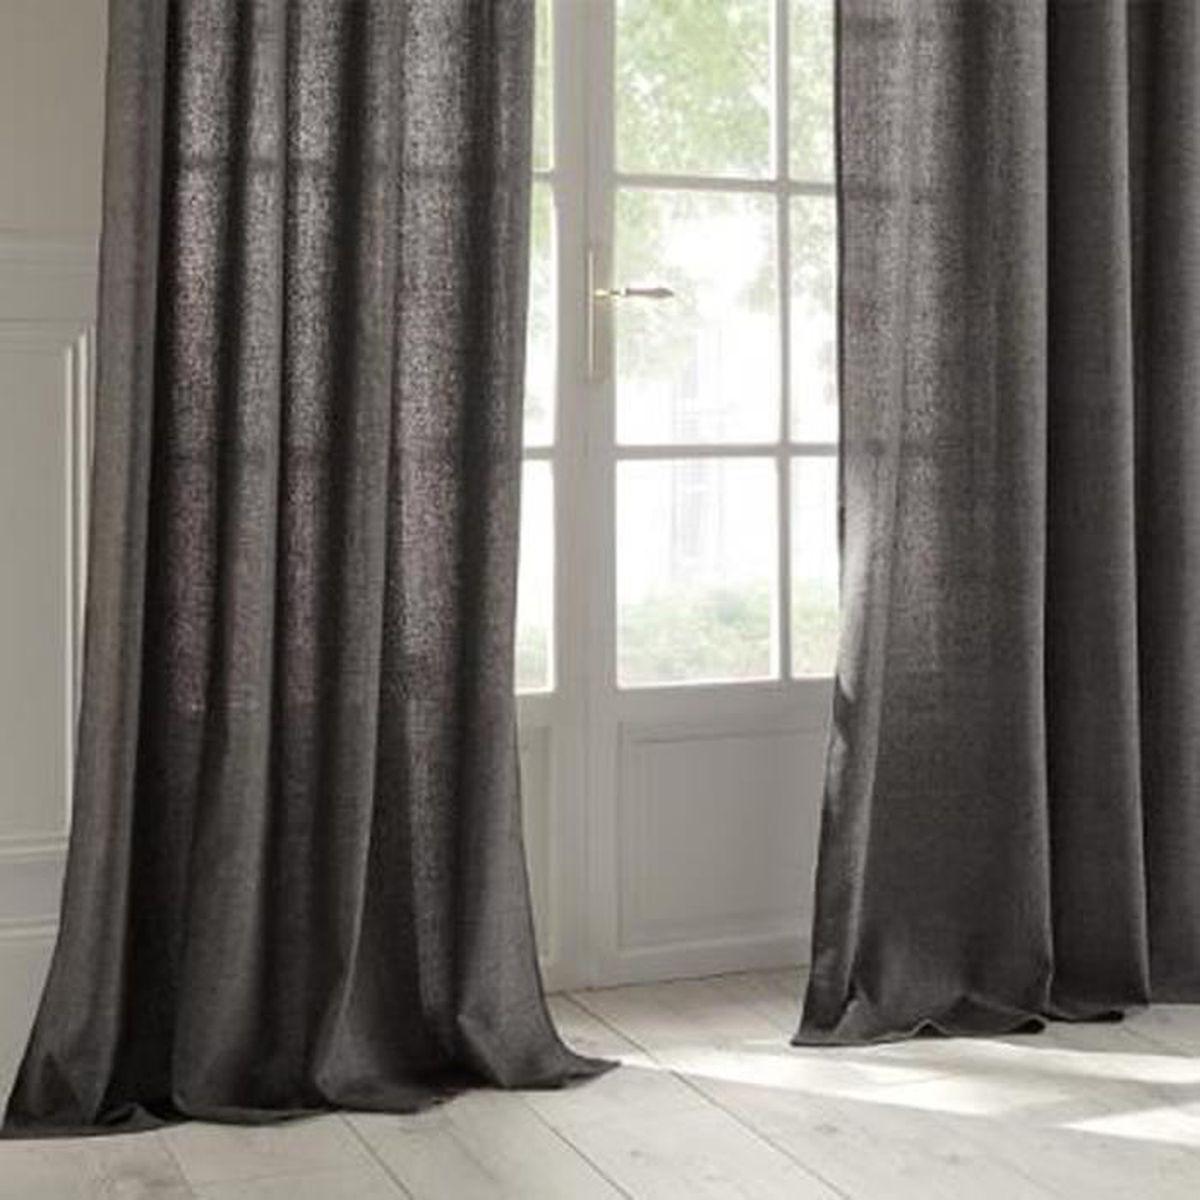 Barre Rideau Fixation Plafond lot de 2 rideaux en lin et polyester coloris gris foncé